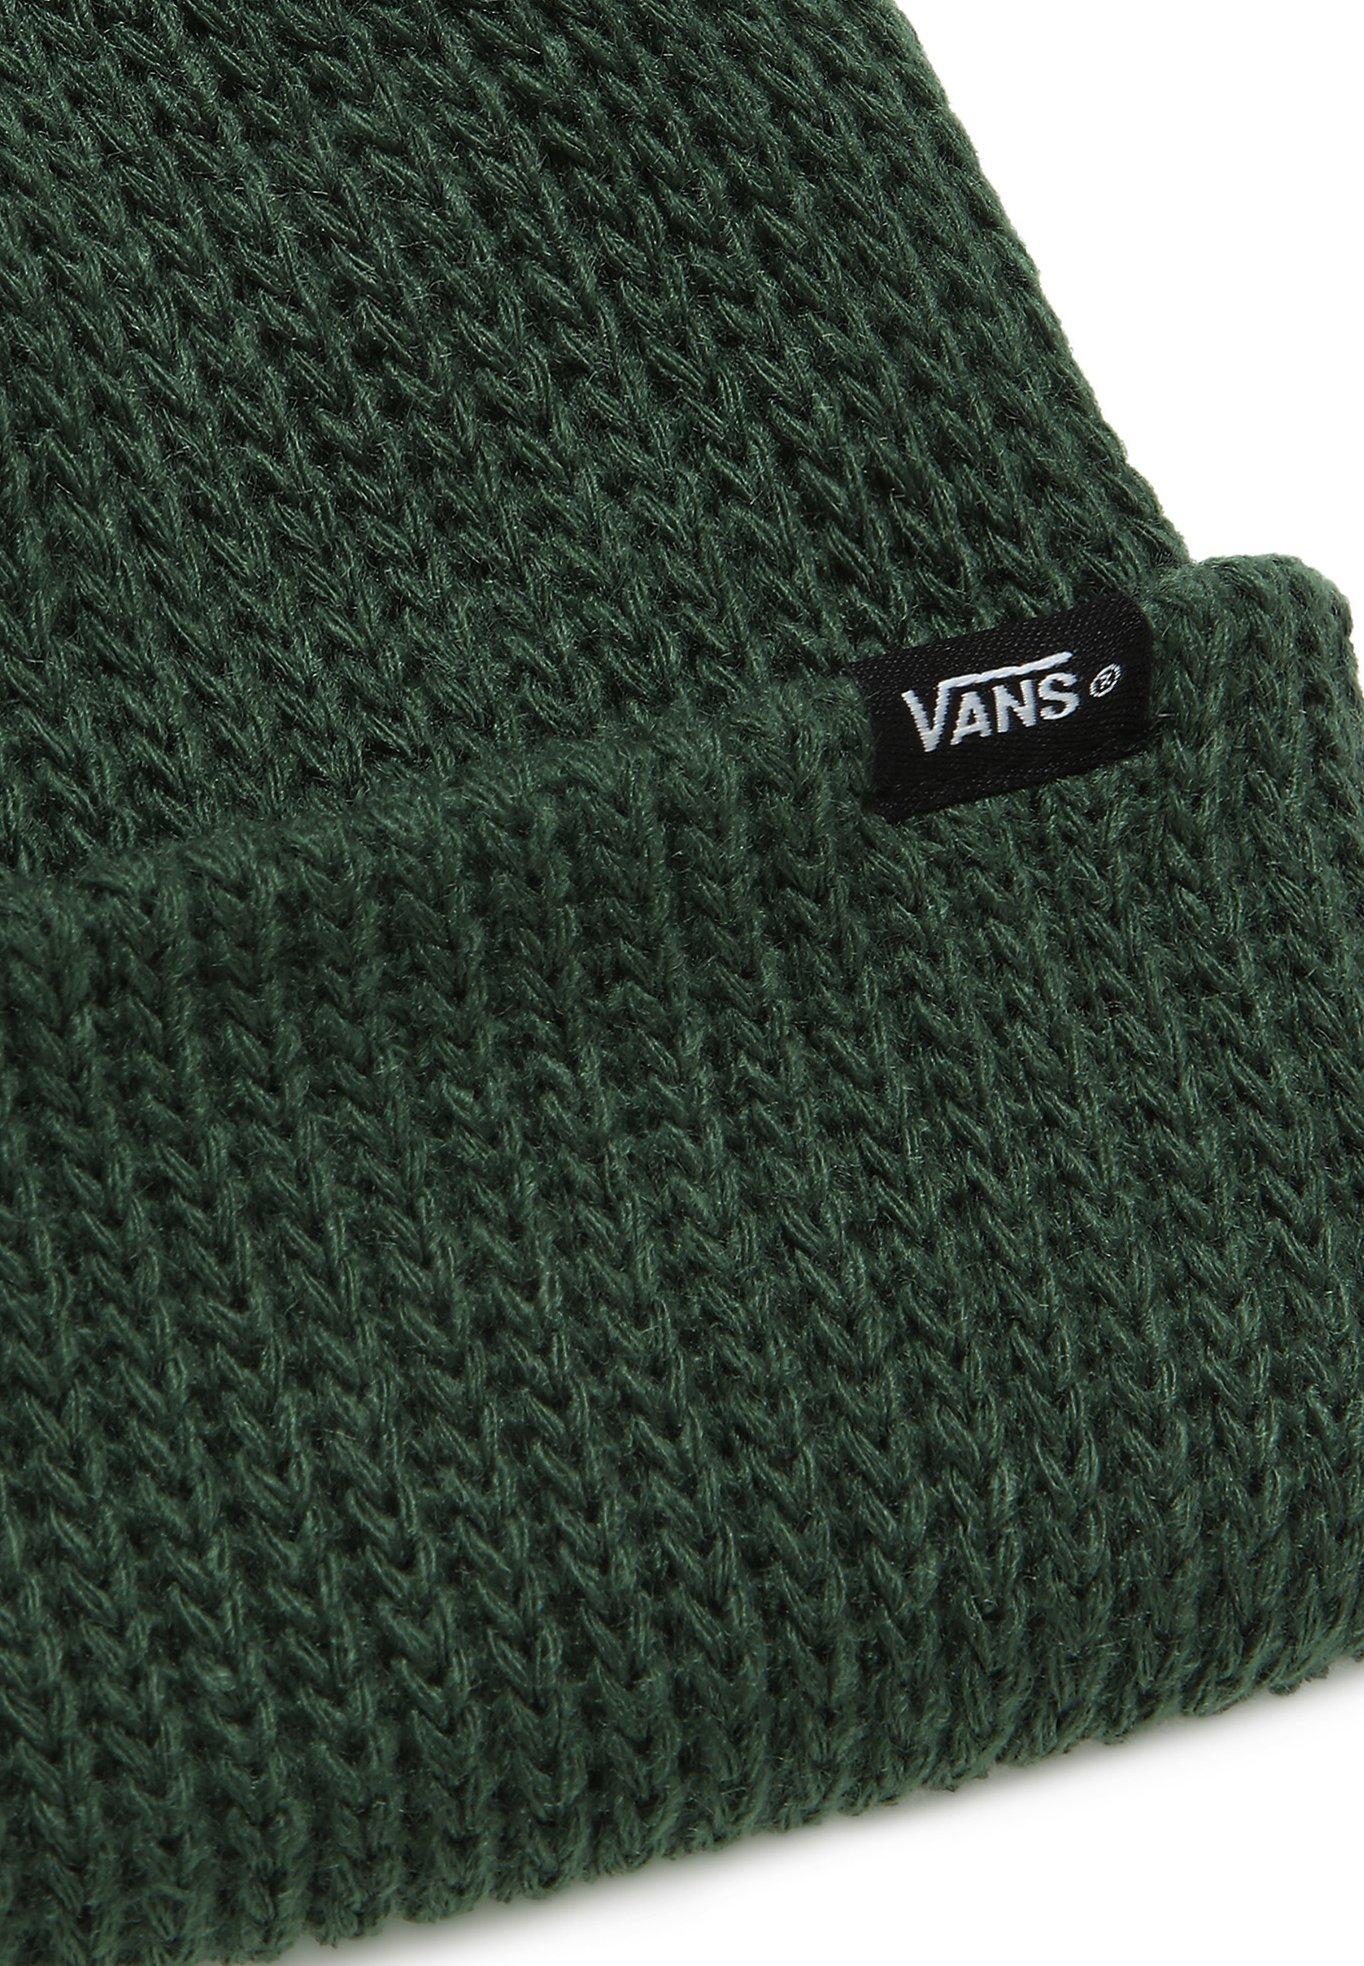 Vans Mütze - Pine Needle/dunkelgrün